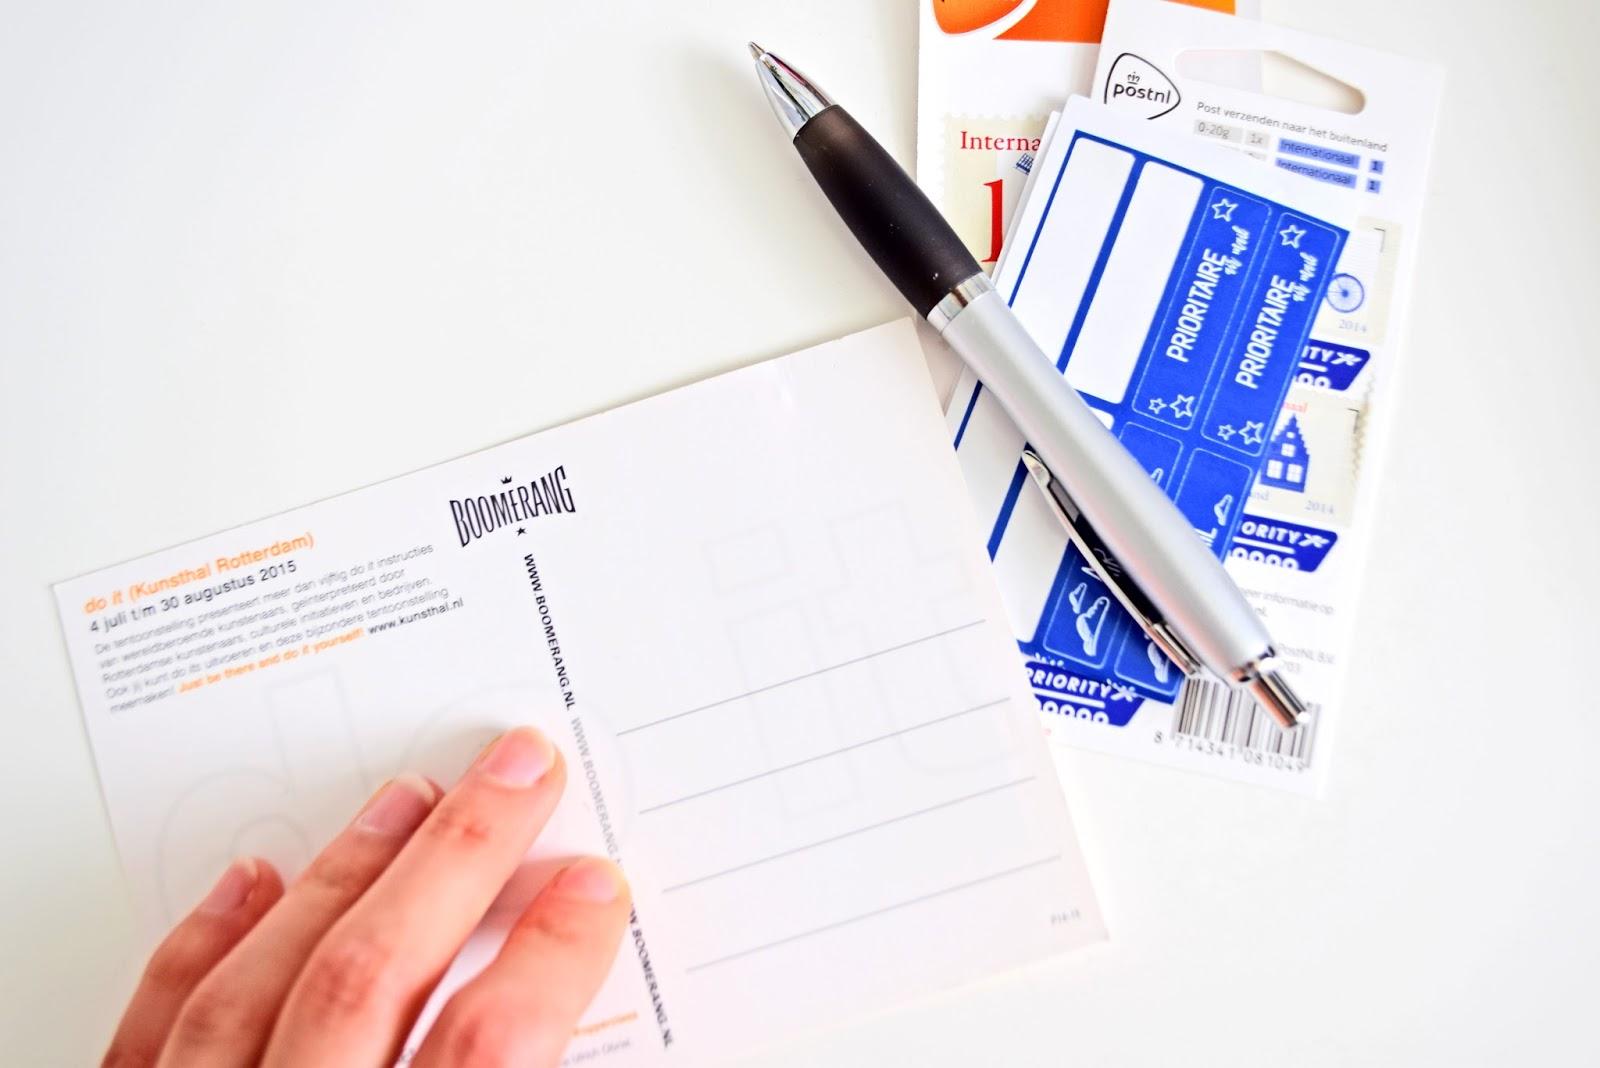 postcrossing.com sending postcards